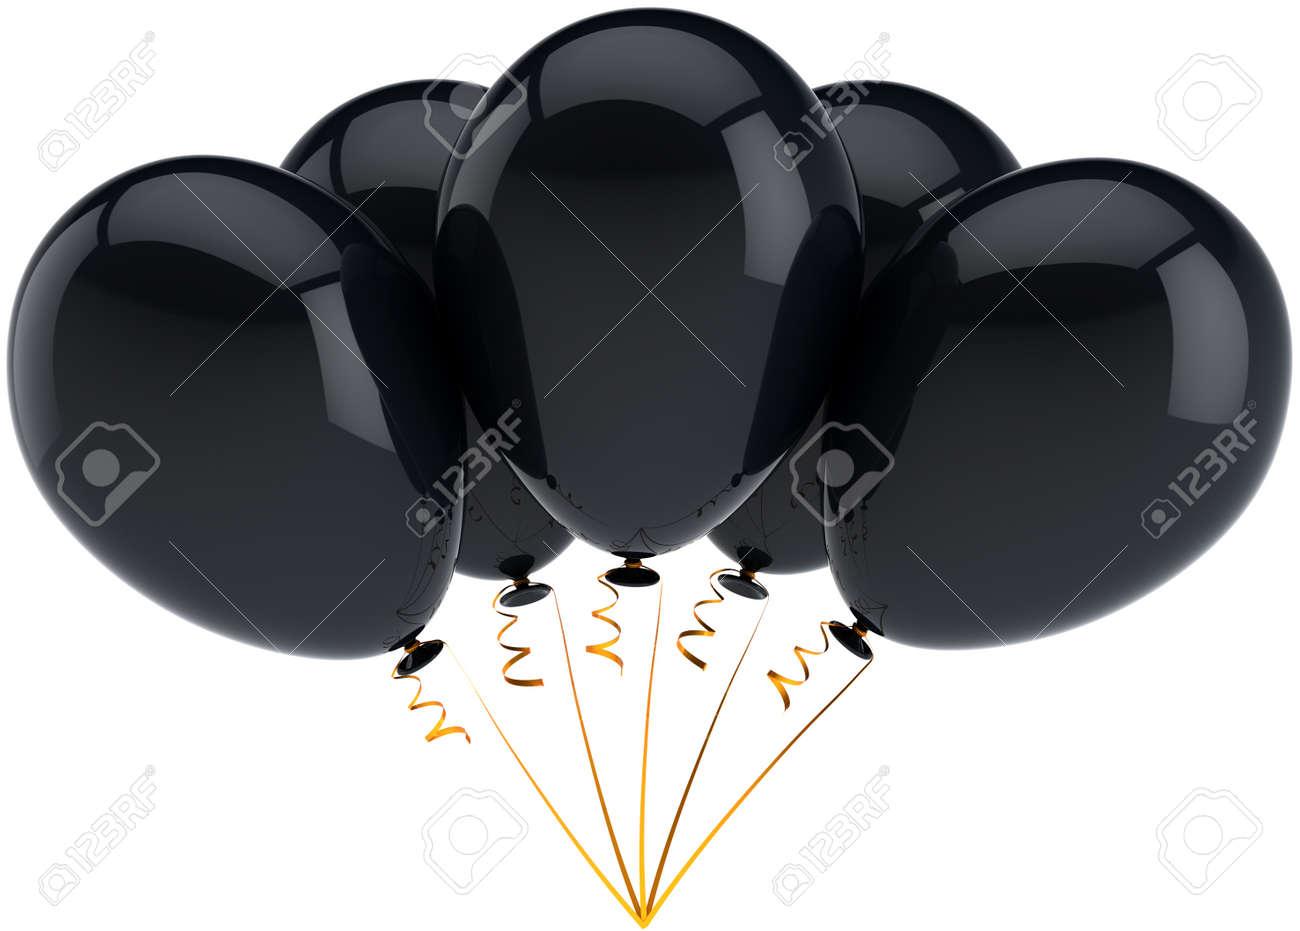 grupo de cinco globos de cumpleaos decoracin de negro dispuestos en un montn alegre felicidad